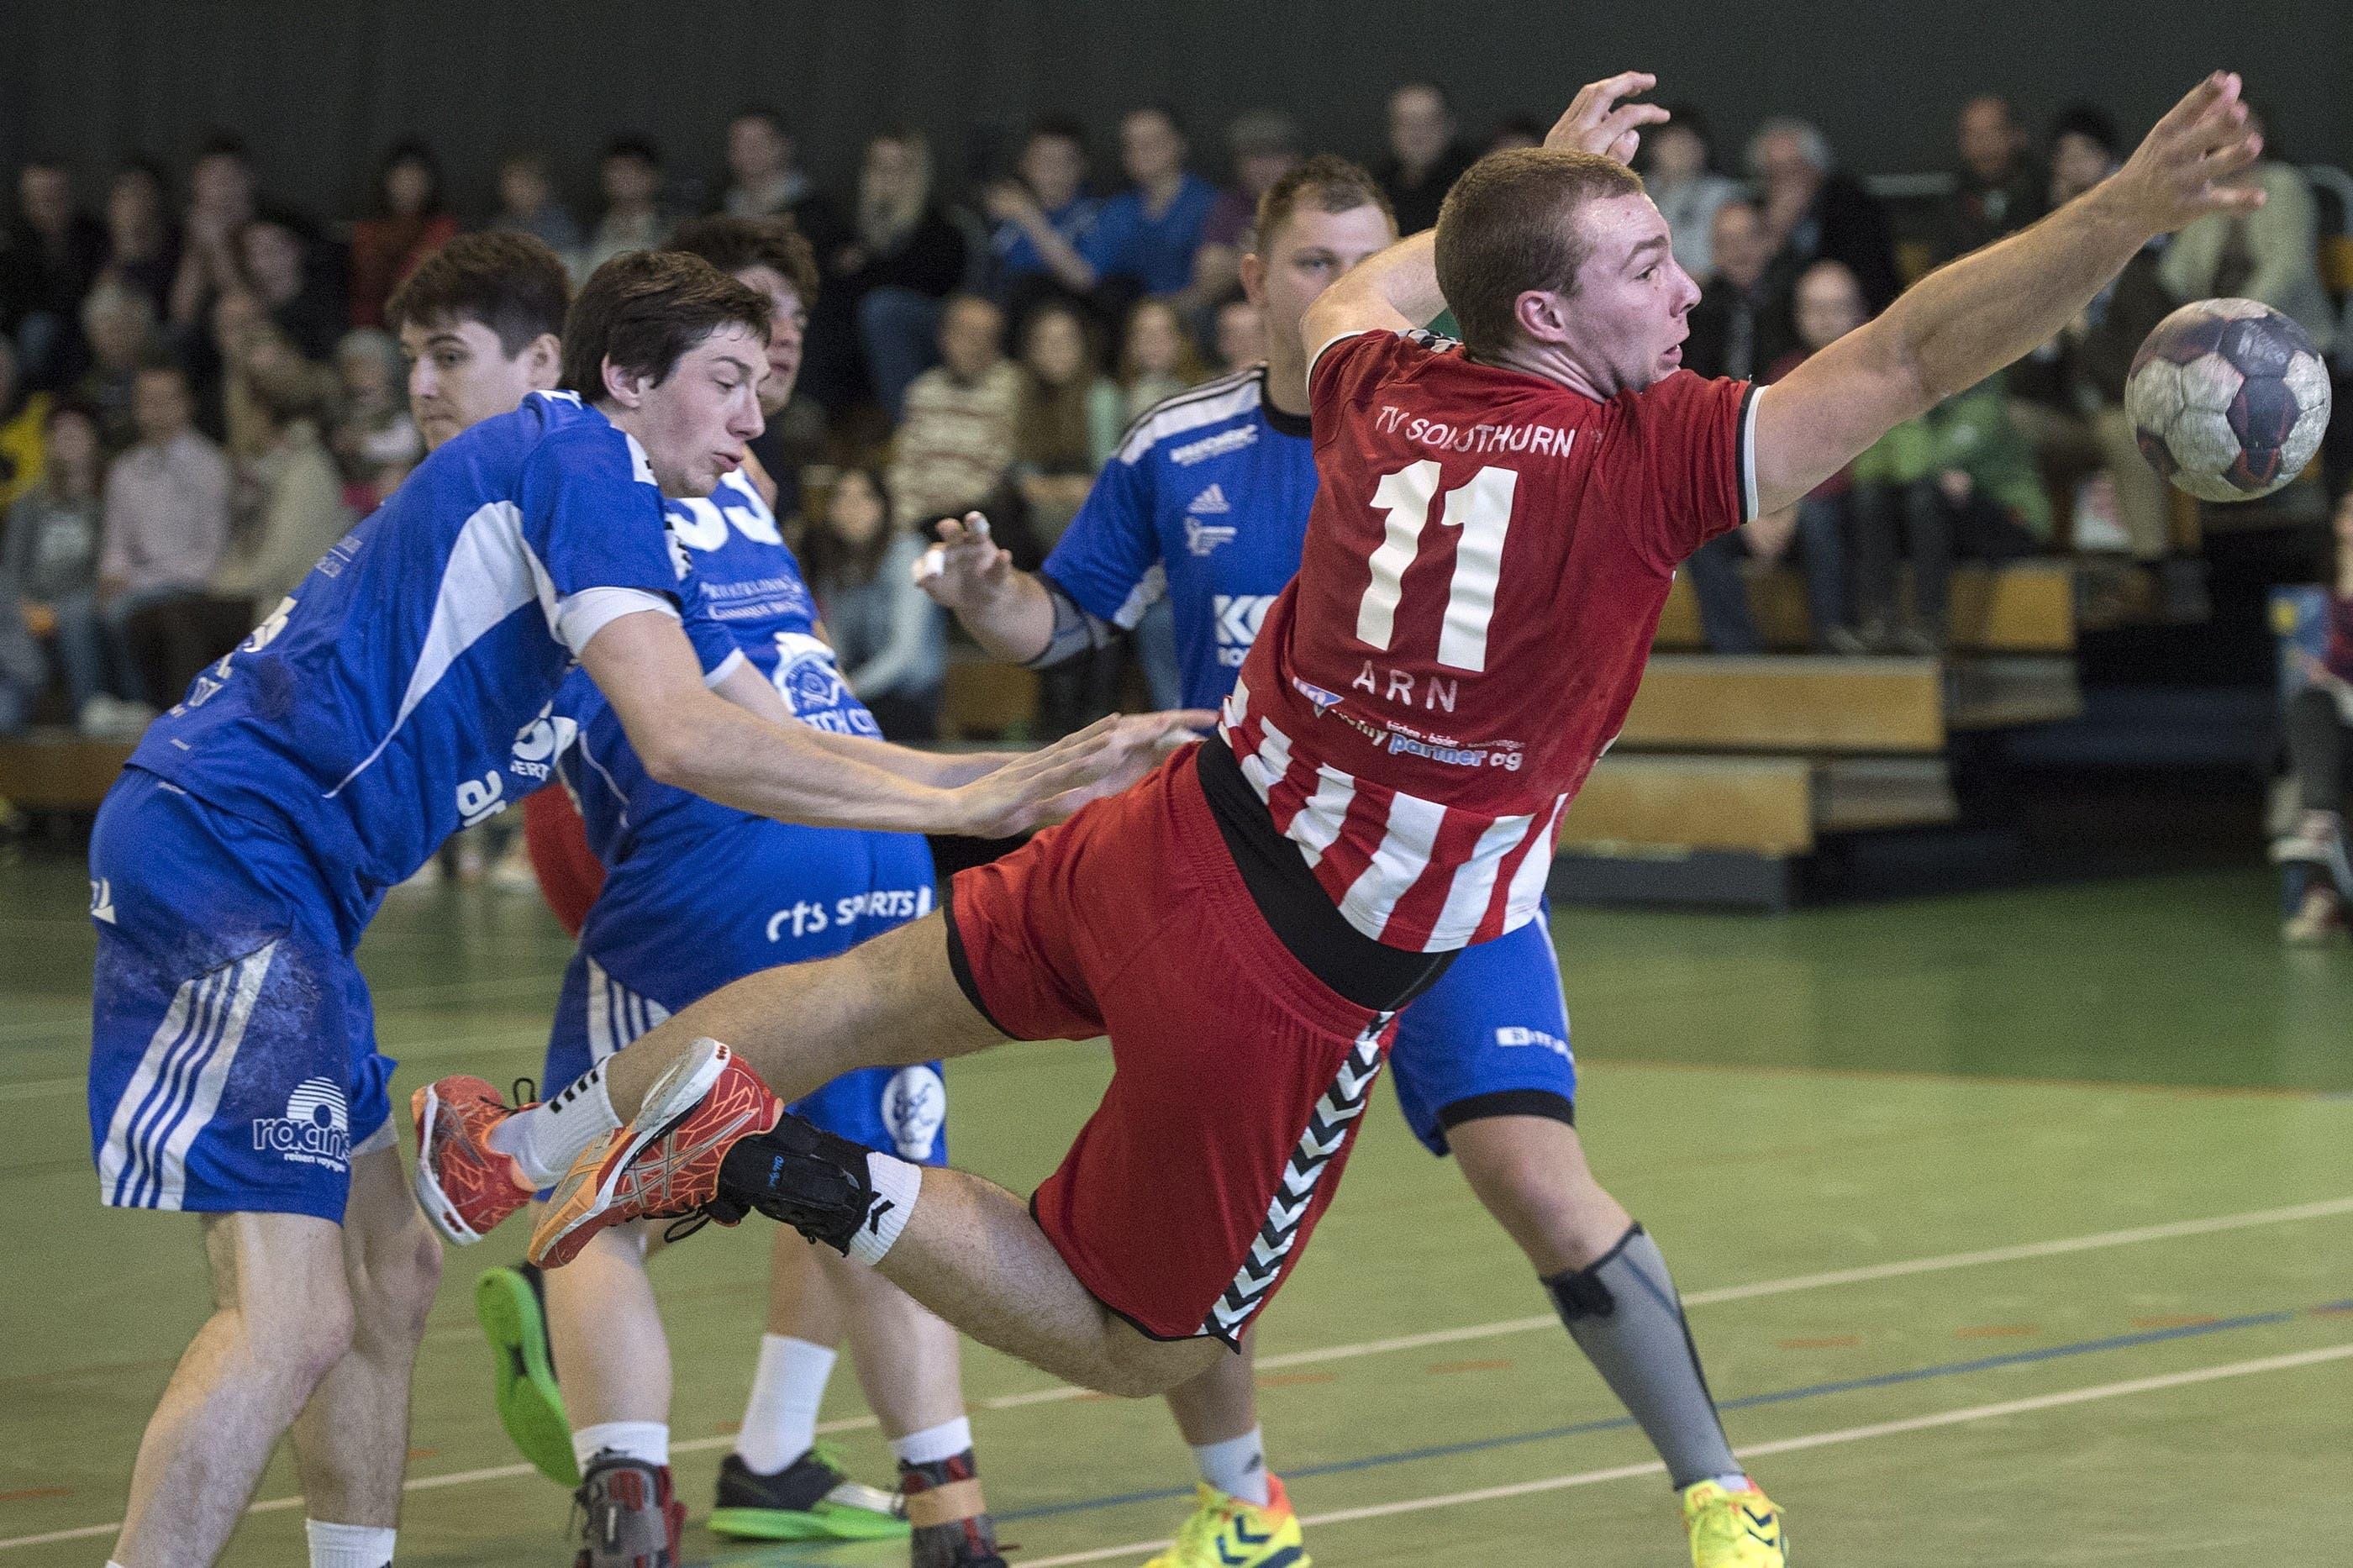 Kaspar Arn erkämpft sich den Ball.